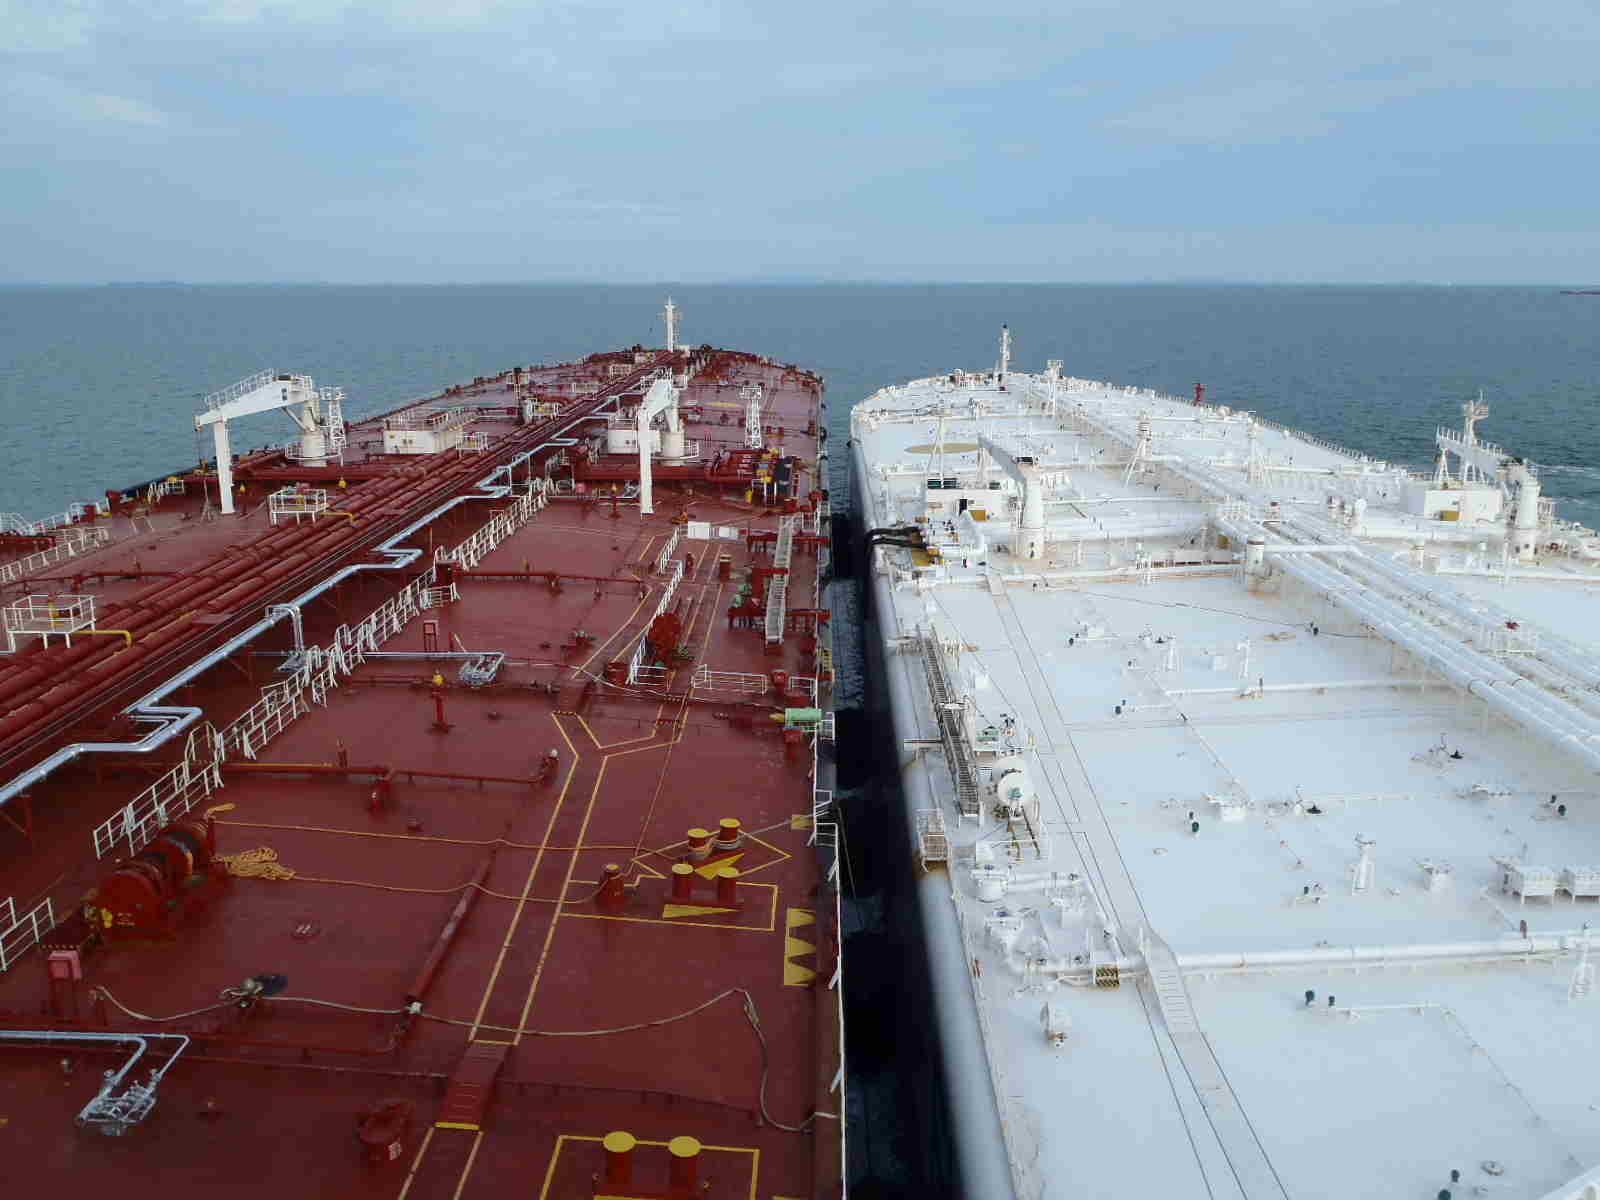 2017_Slider1_STS_Shipload_Maritime